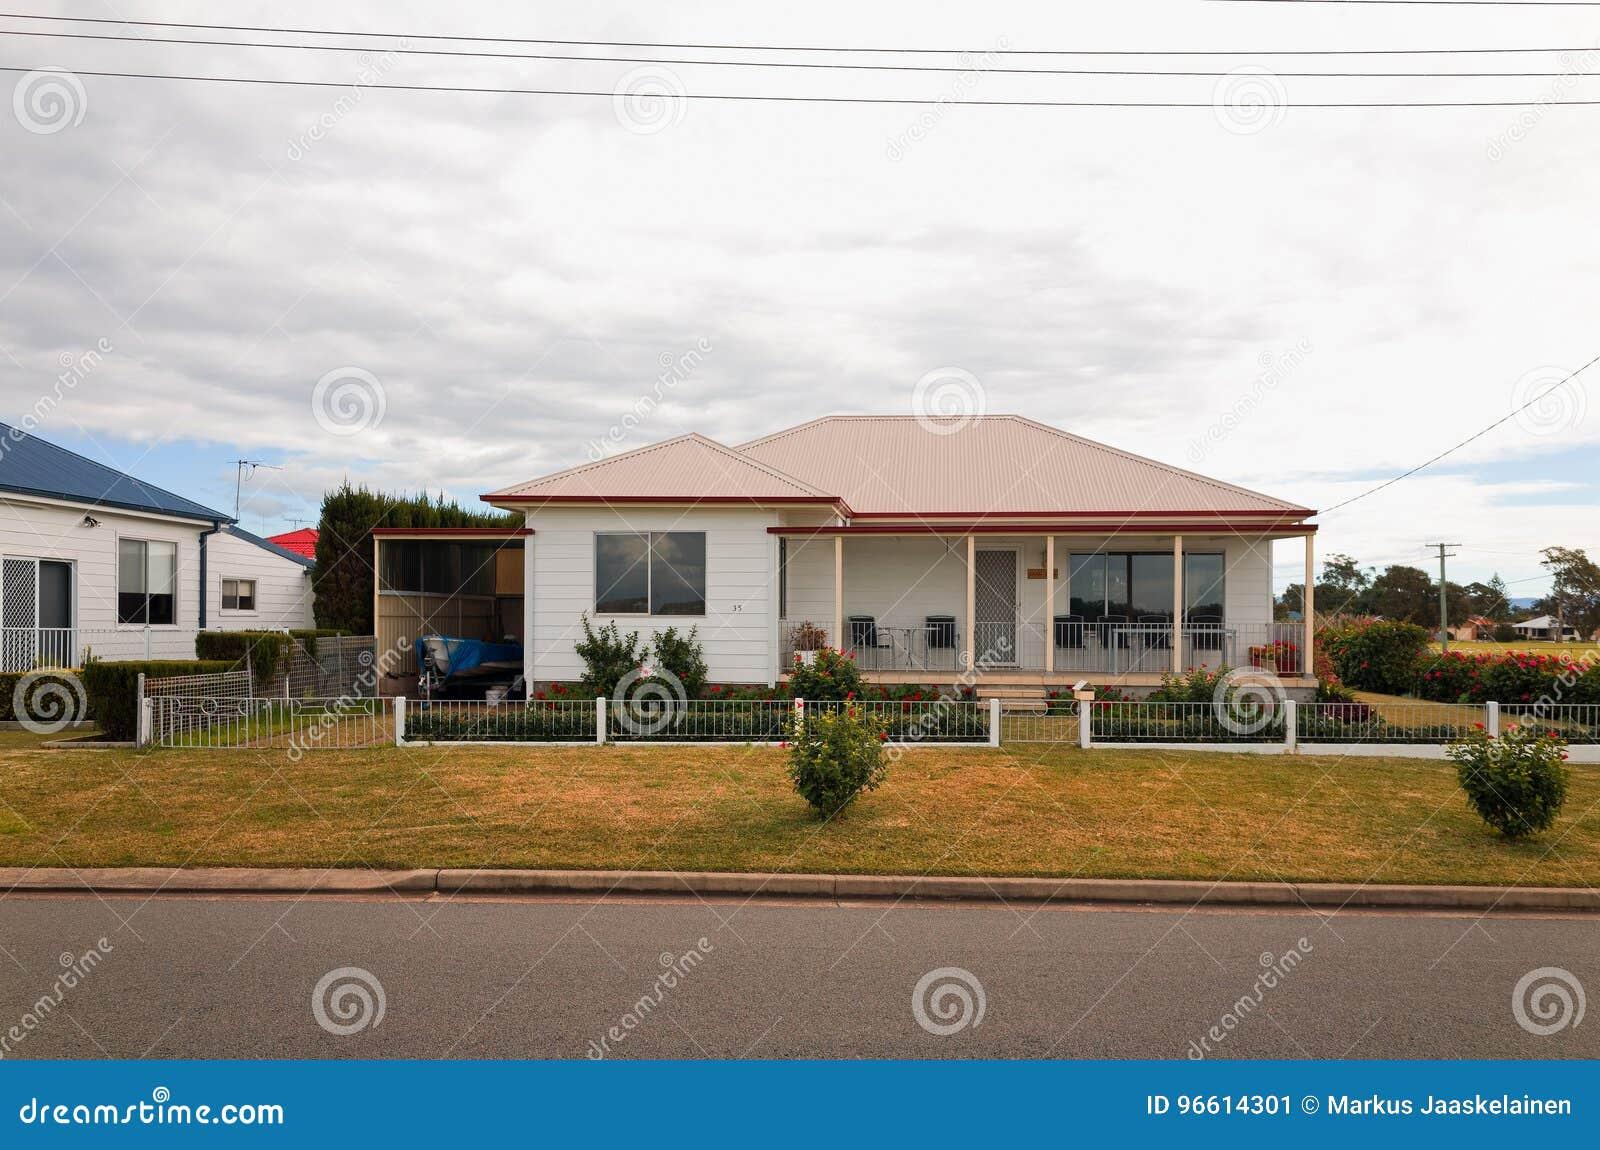 Case Tipiche Australiane : Vecchie camere suburbane australiane tipiche immagine stock